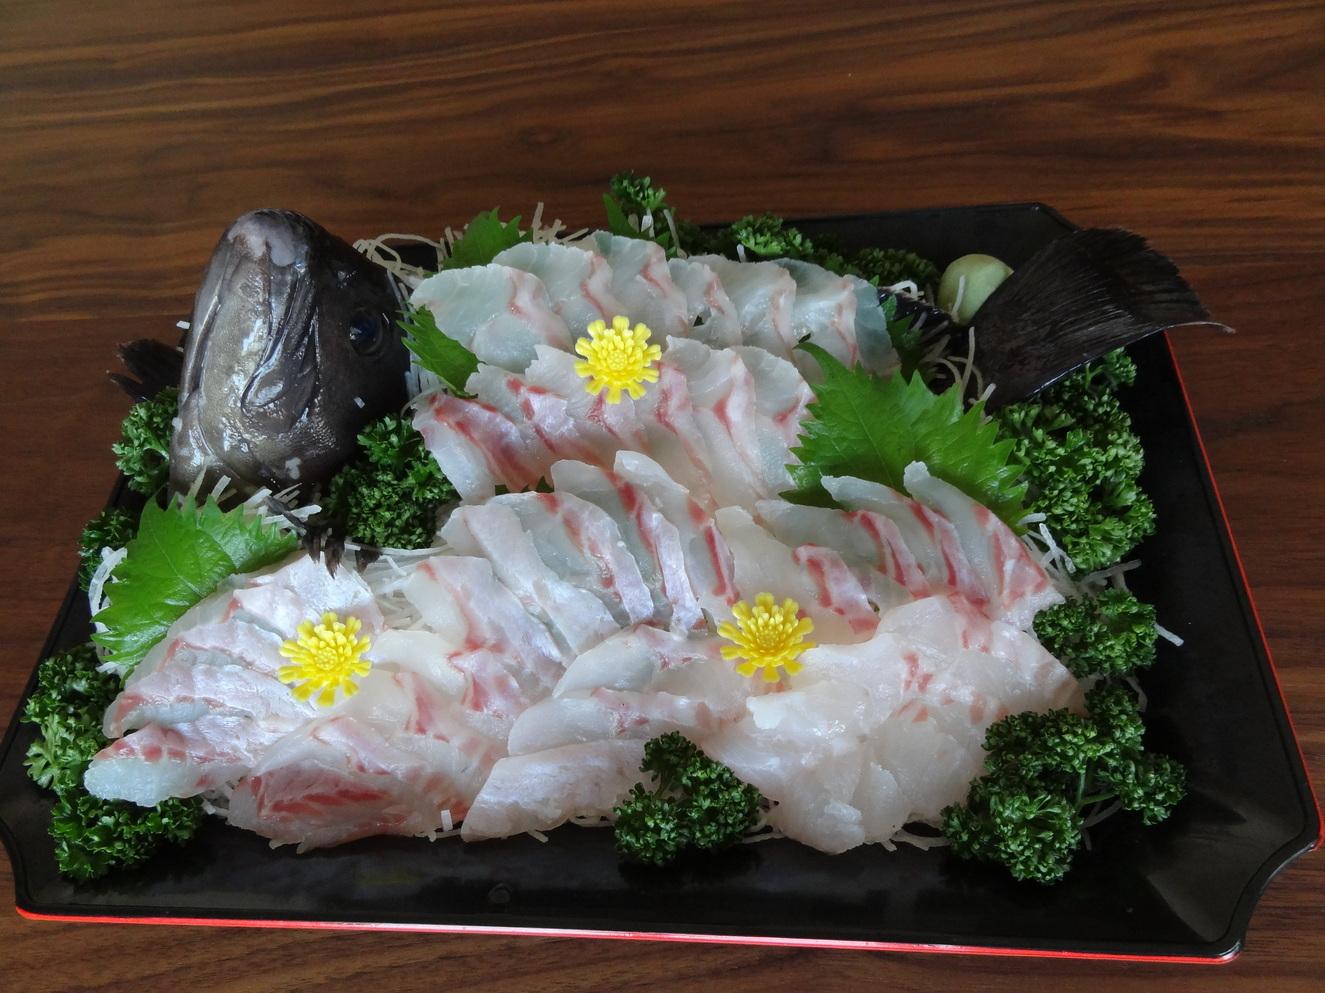 魚忠鮮魚店 名古屋三越星ヶ丘店